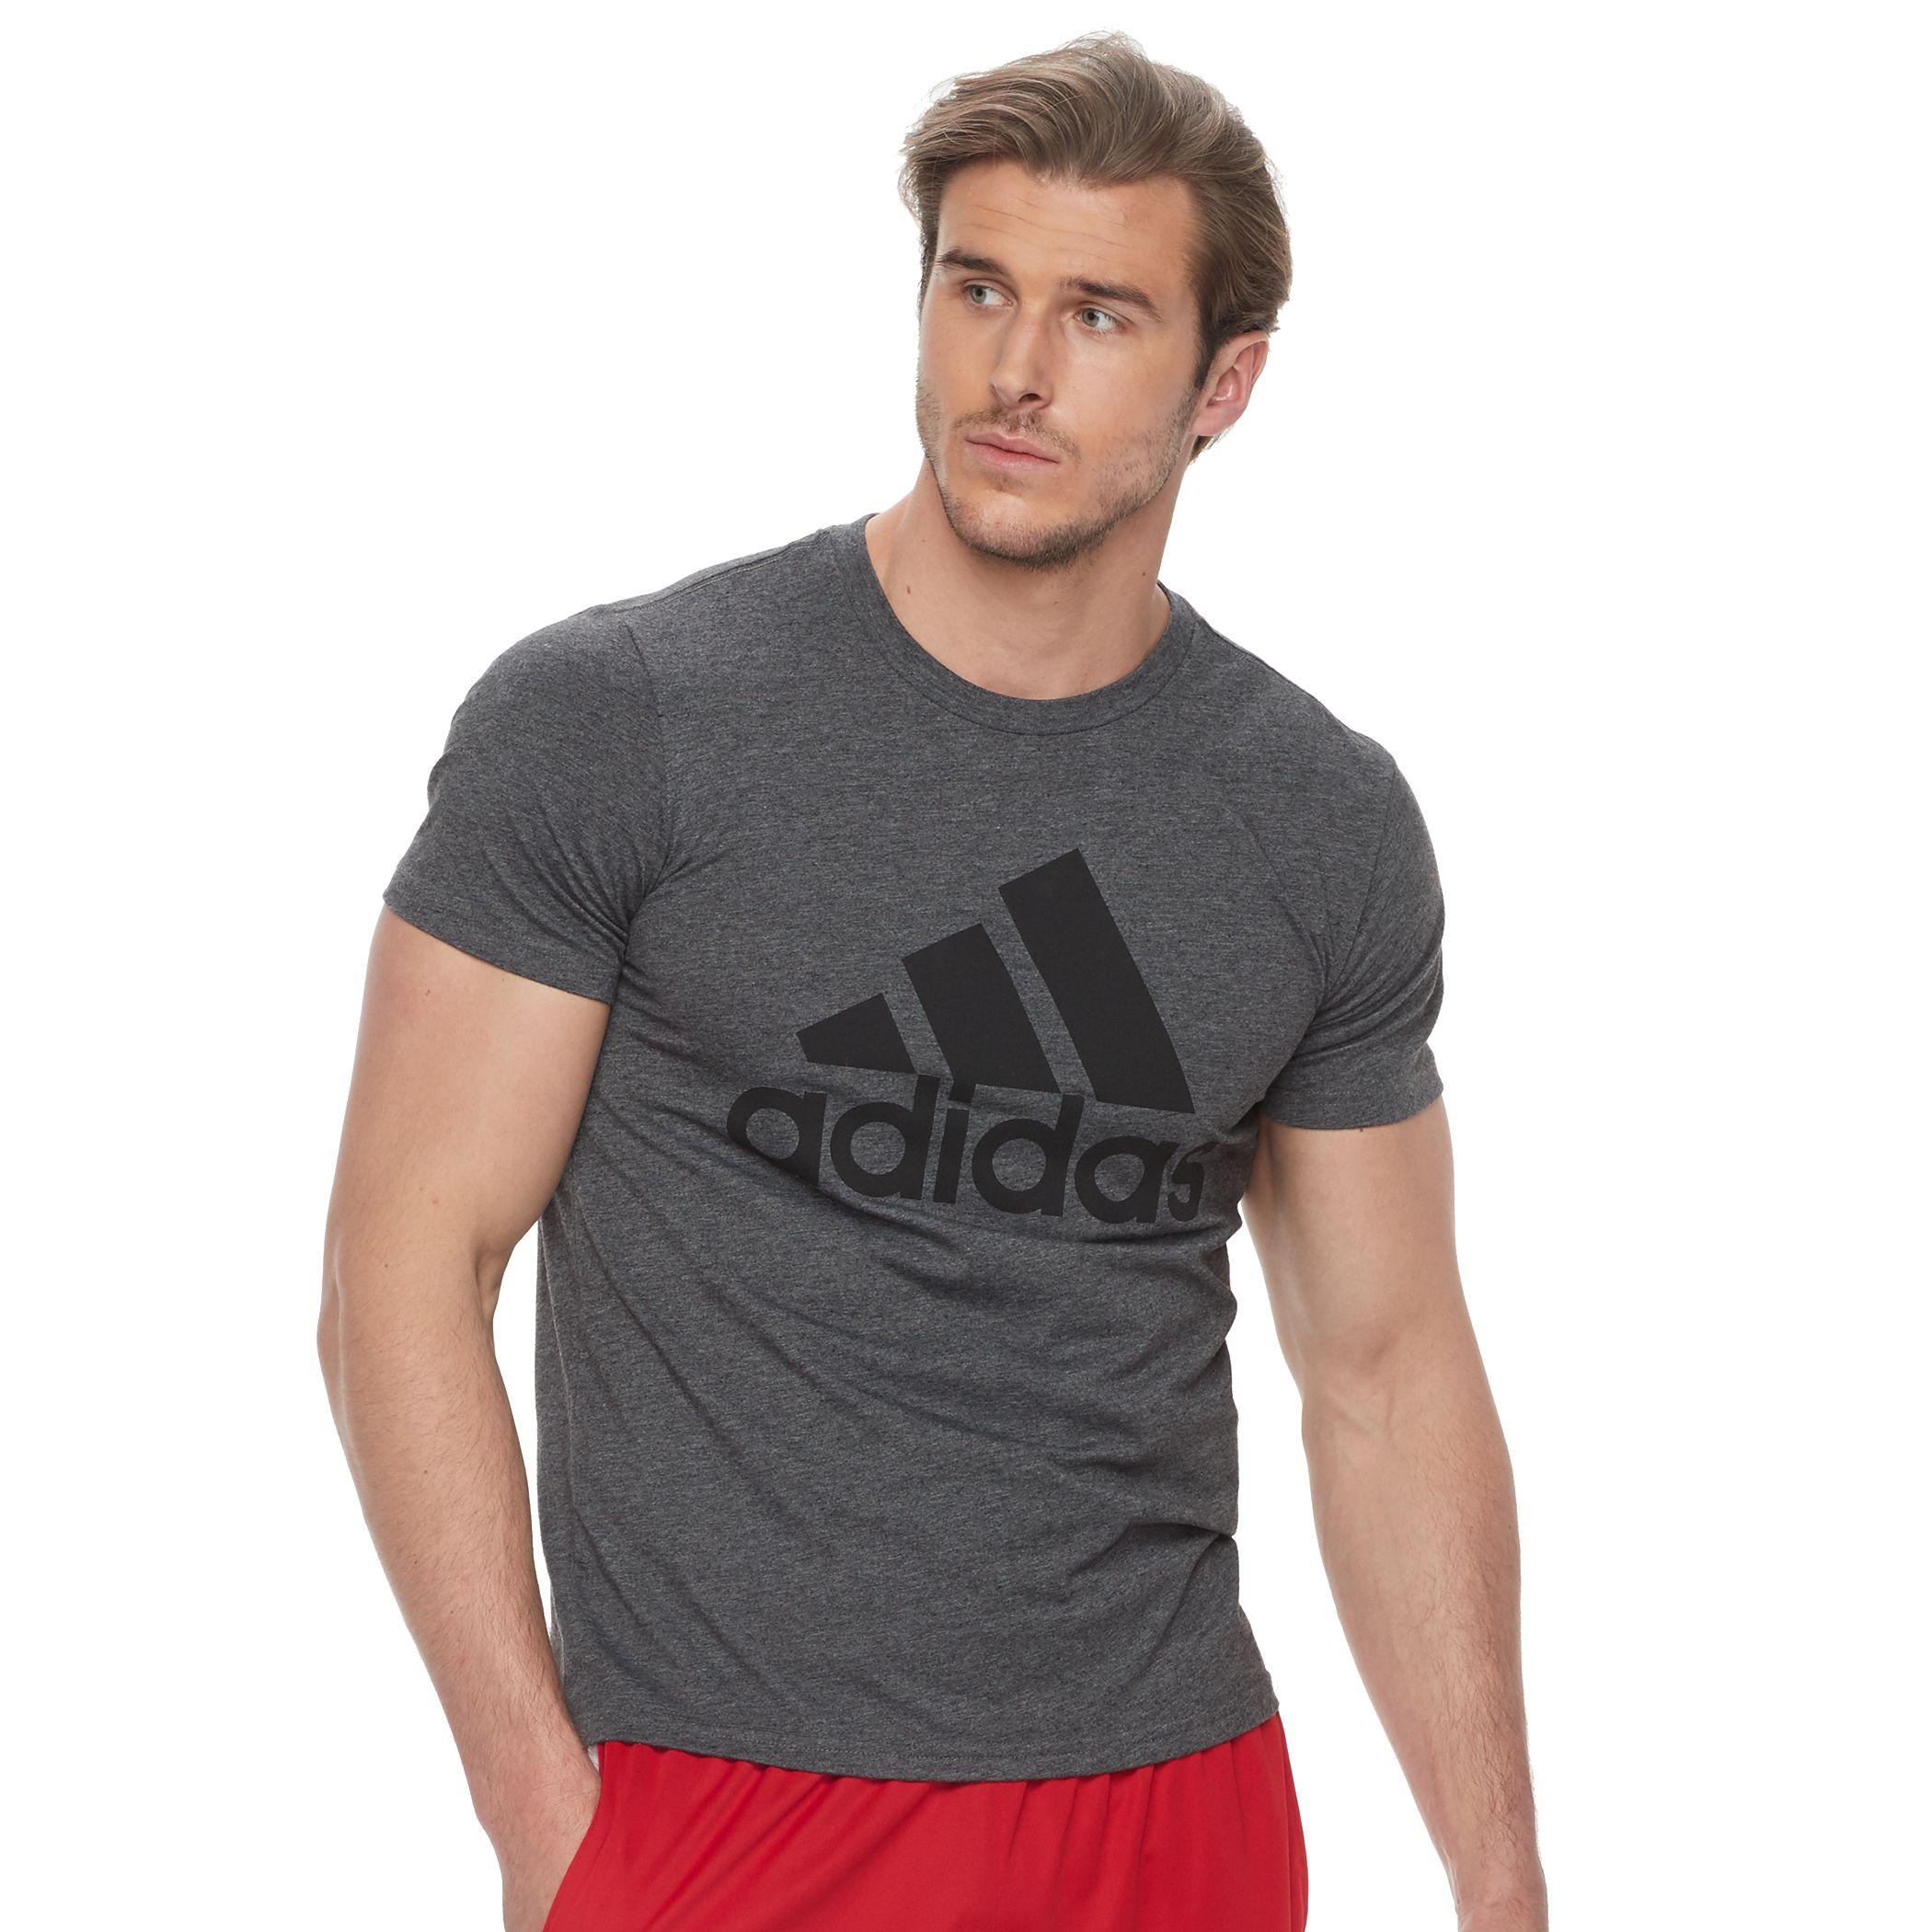 adidas t shirt kohls